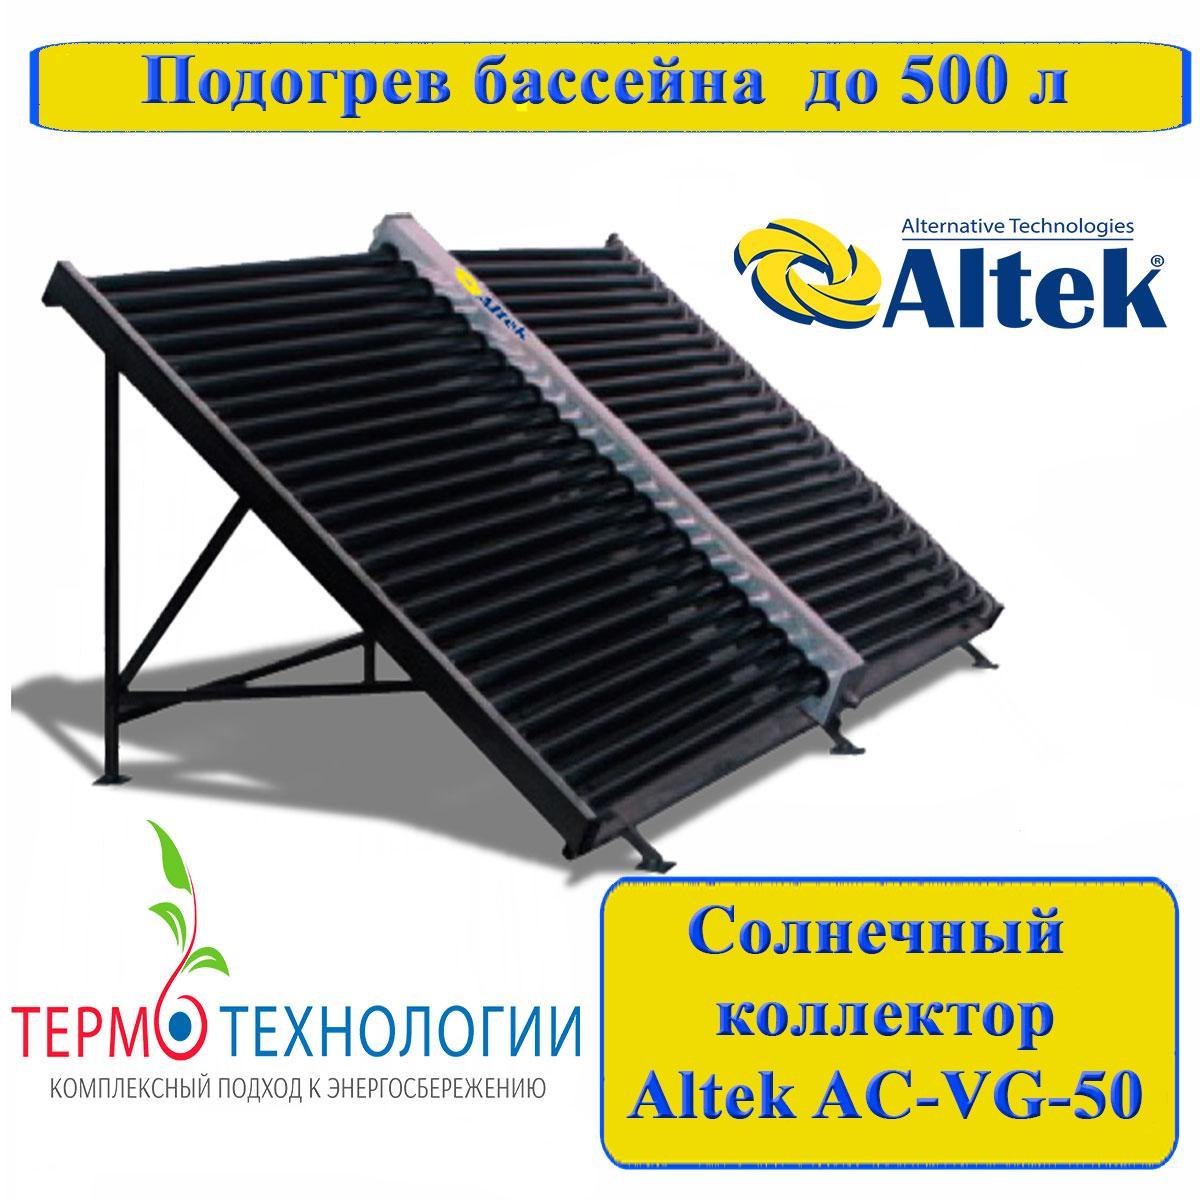 Солнечный коллектор Altek AC-VG-50. Сезонный подогрев бассейна